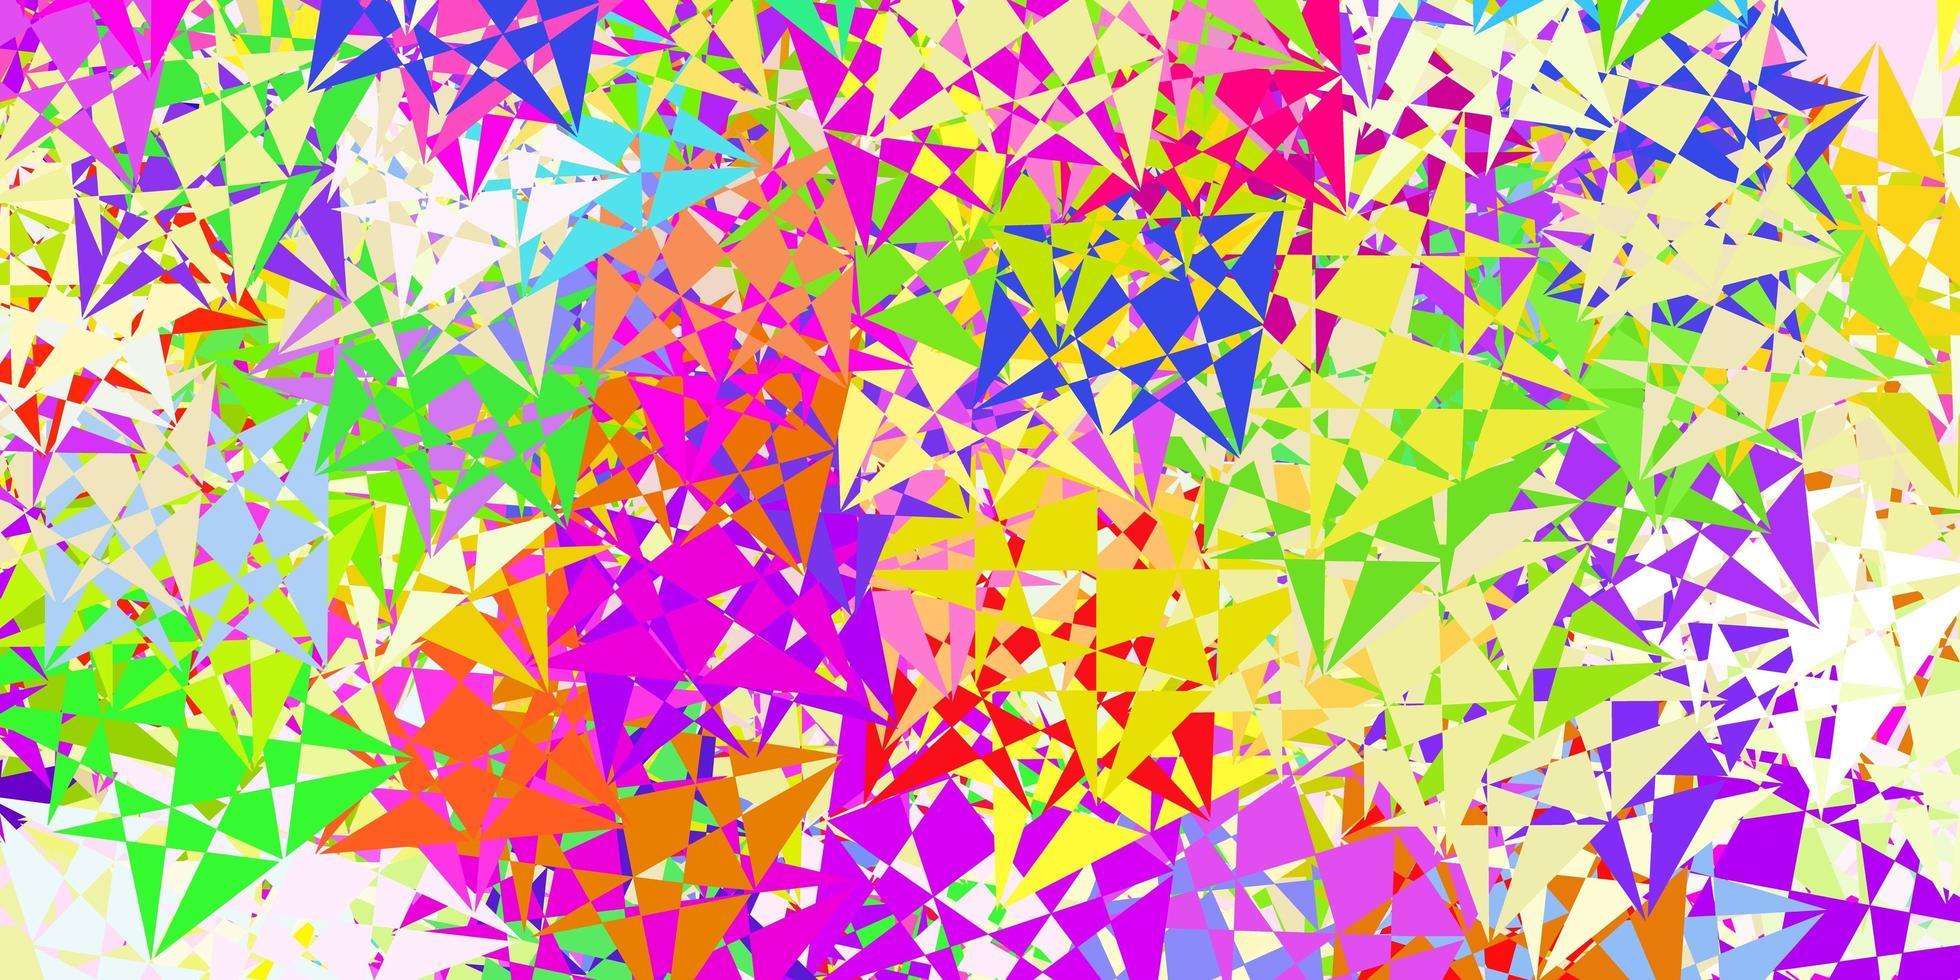 leichtes mehrfarbiges Vektorlayout mit Dreiecksformen. vektor